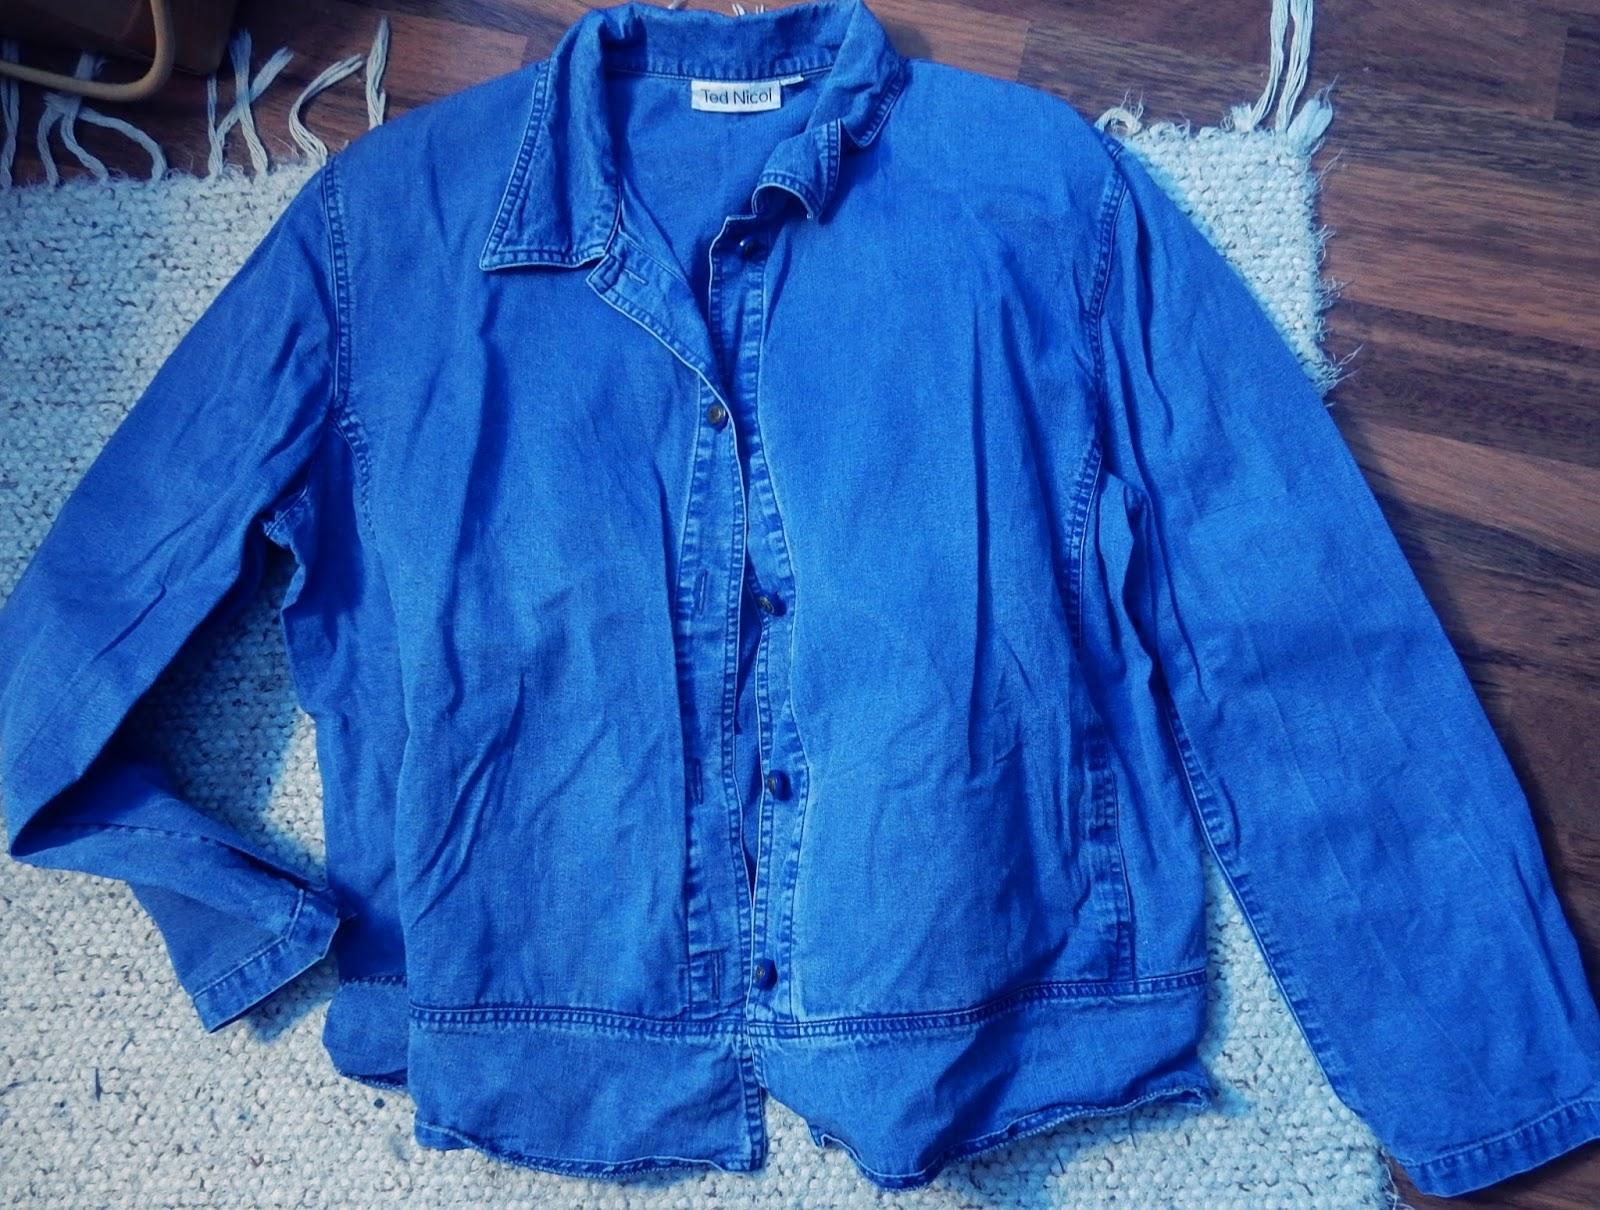 Leikkasin takista kiilat paidan helmaan ja ompelin osat kiinni. Kaikki  koristeet kuten pitsit löysin jälleen pöydältä. Tulee hyvin pöytä siistiksi  ... 0ee9b1a48e